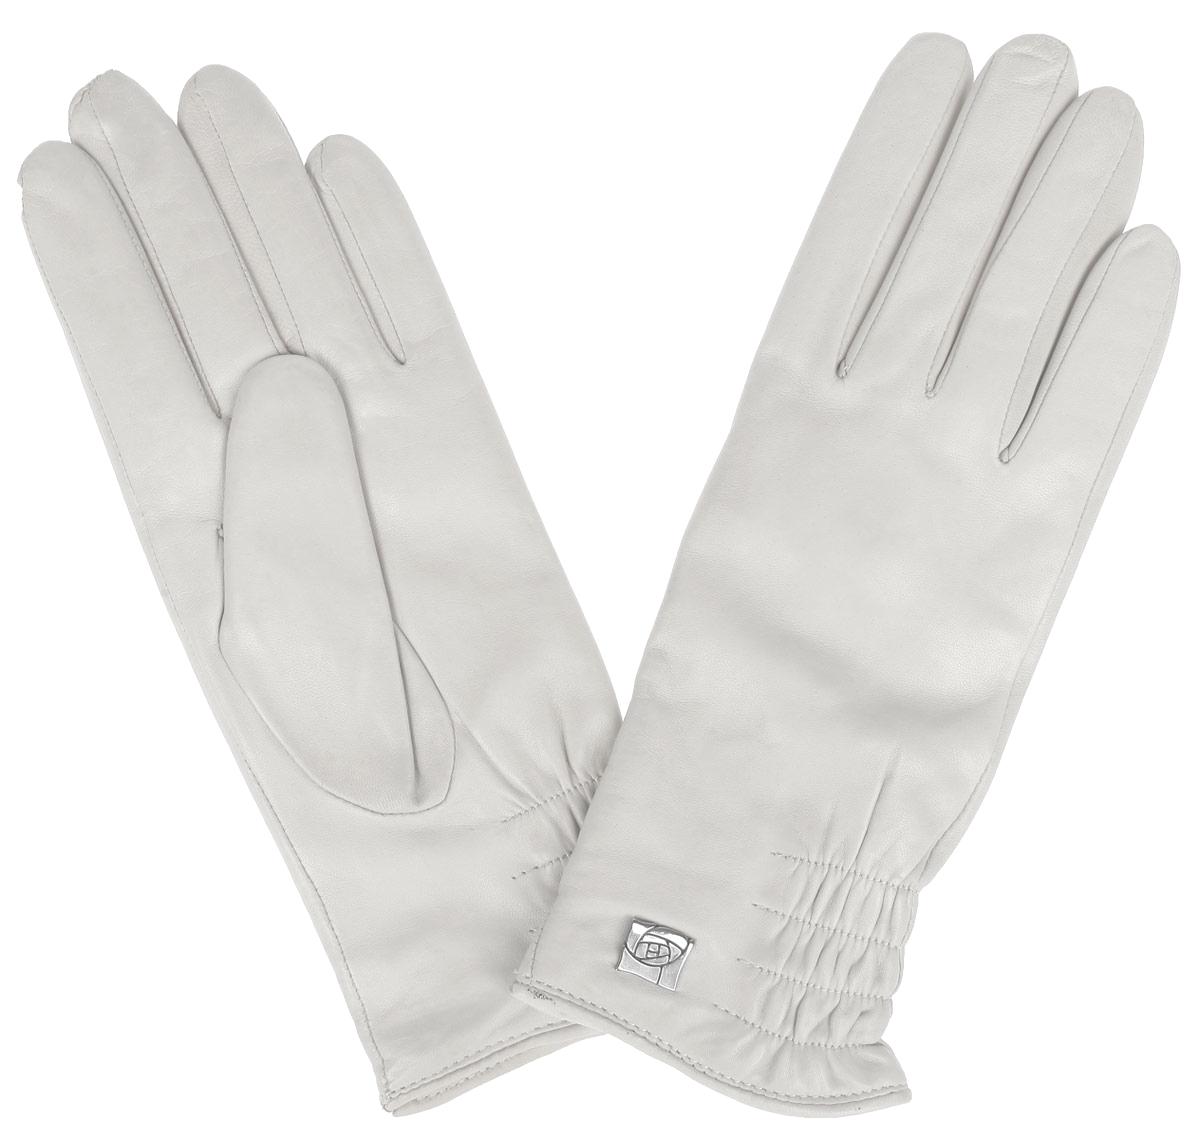 ПерчаткиIS889Стильные женские перчатки Eleganzza не только защитят ваши руки от холода, но и станут великолепным украшением. Перчатки выполнены из натуральной кожи на подкладке из 100% шерсти. Модель украшена декоративной резинкой и элегантным украшением в виде розы. В настоящее время перчатки являются неотъемлемой принадлежностью одежды, вместе с этим аксессуаром вы обретаете женственность и элегантность. Перчатки станут завершающим и подчеркивающим элементом вашего стиля и неповторимости.